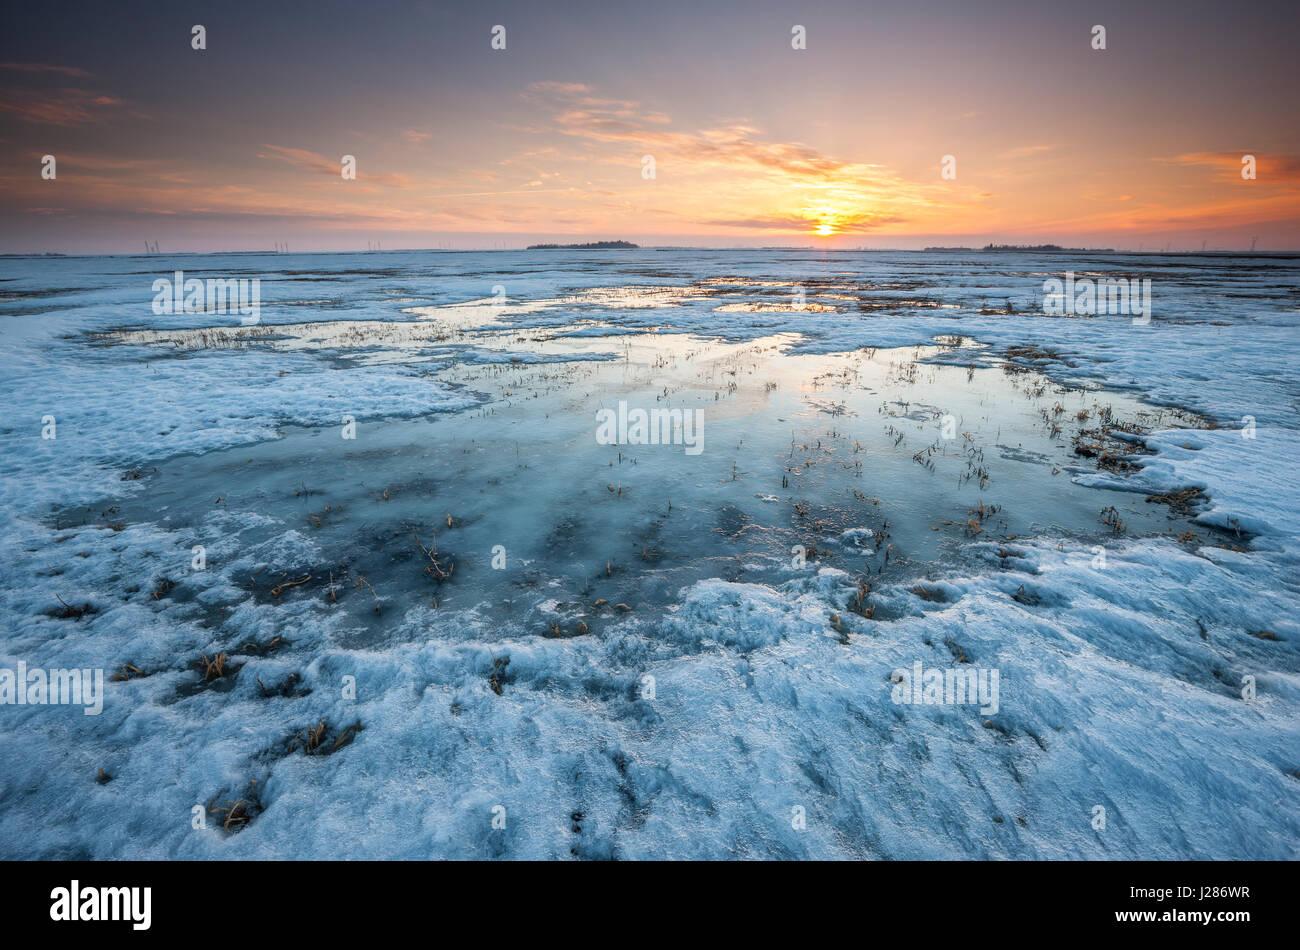 Atardecer en congelados y campos cubiertos de nieve en Manitoba, Canadá Imagen De Stock